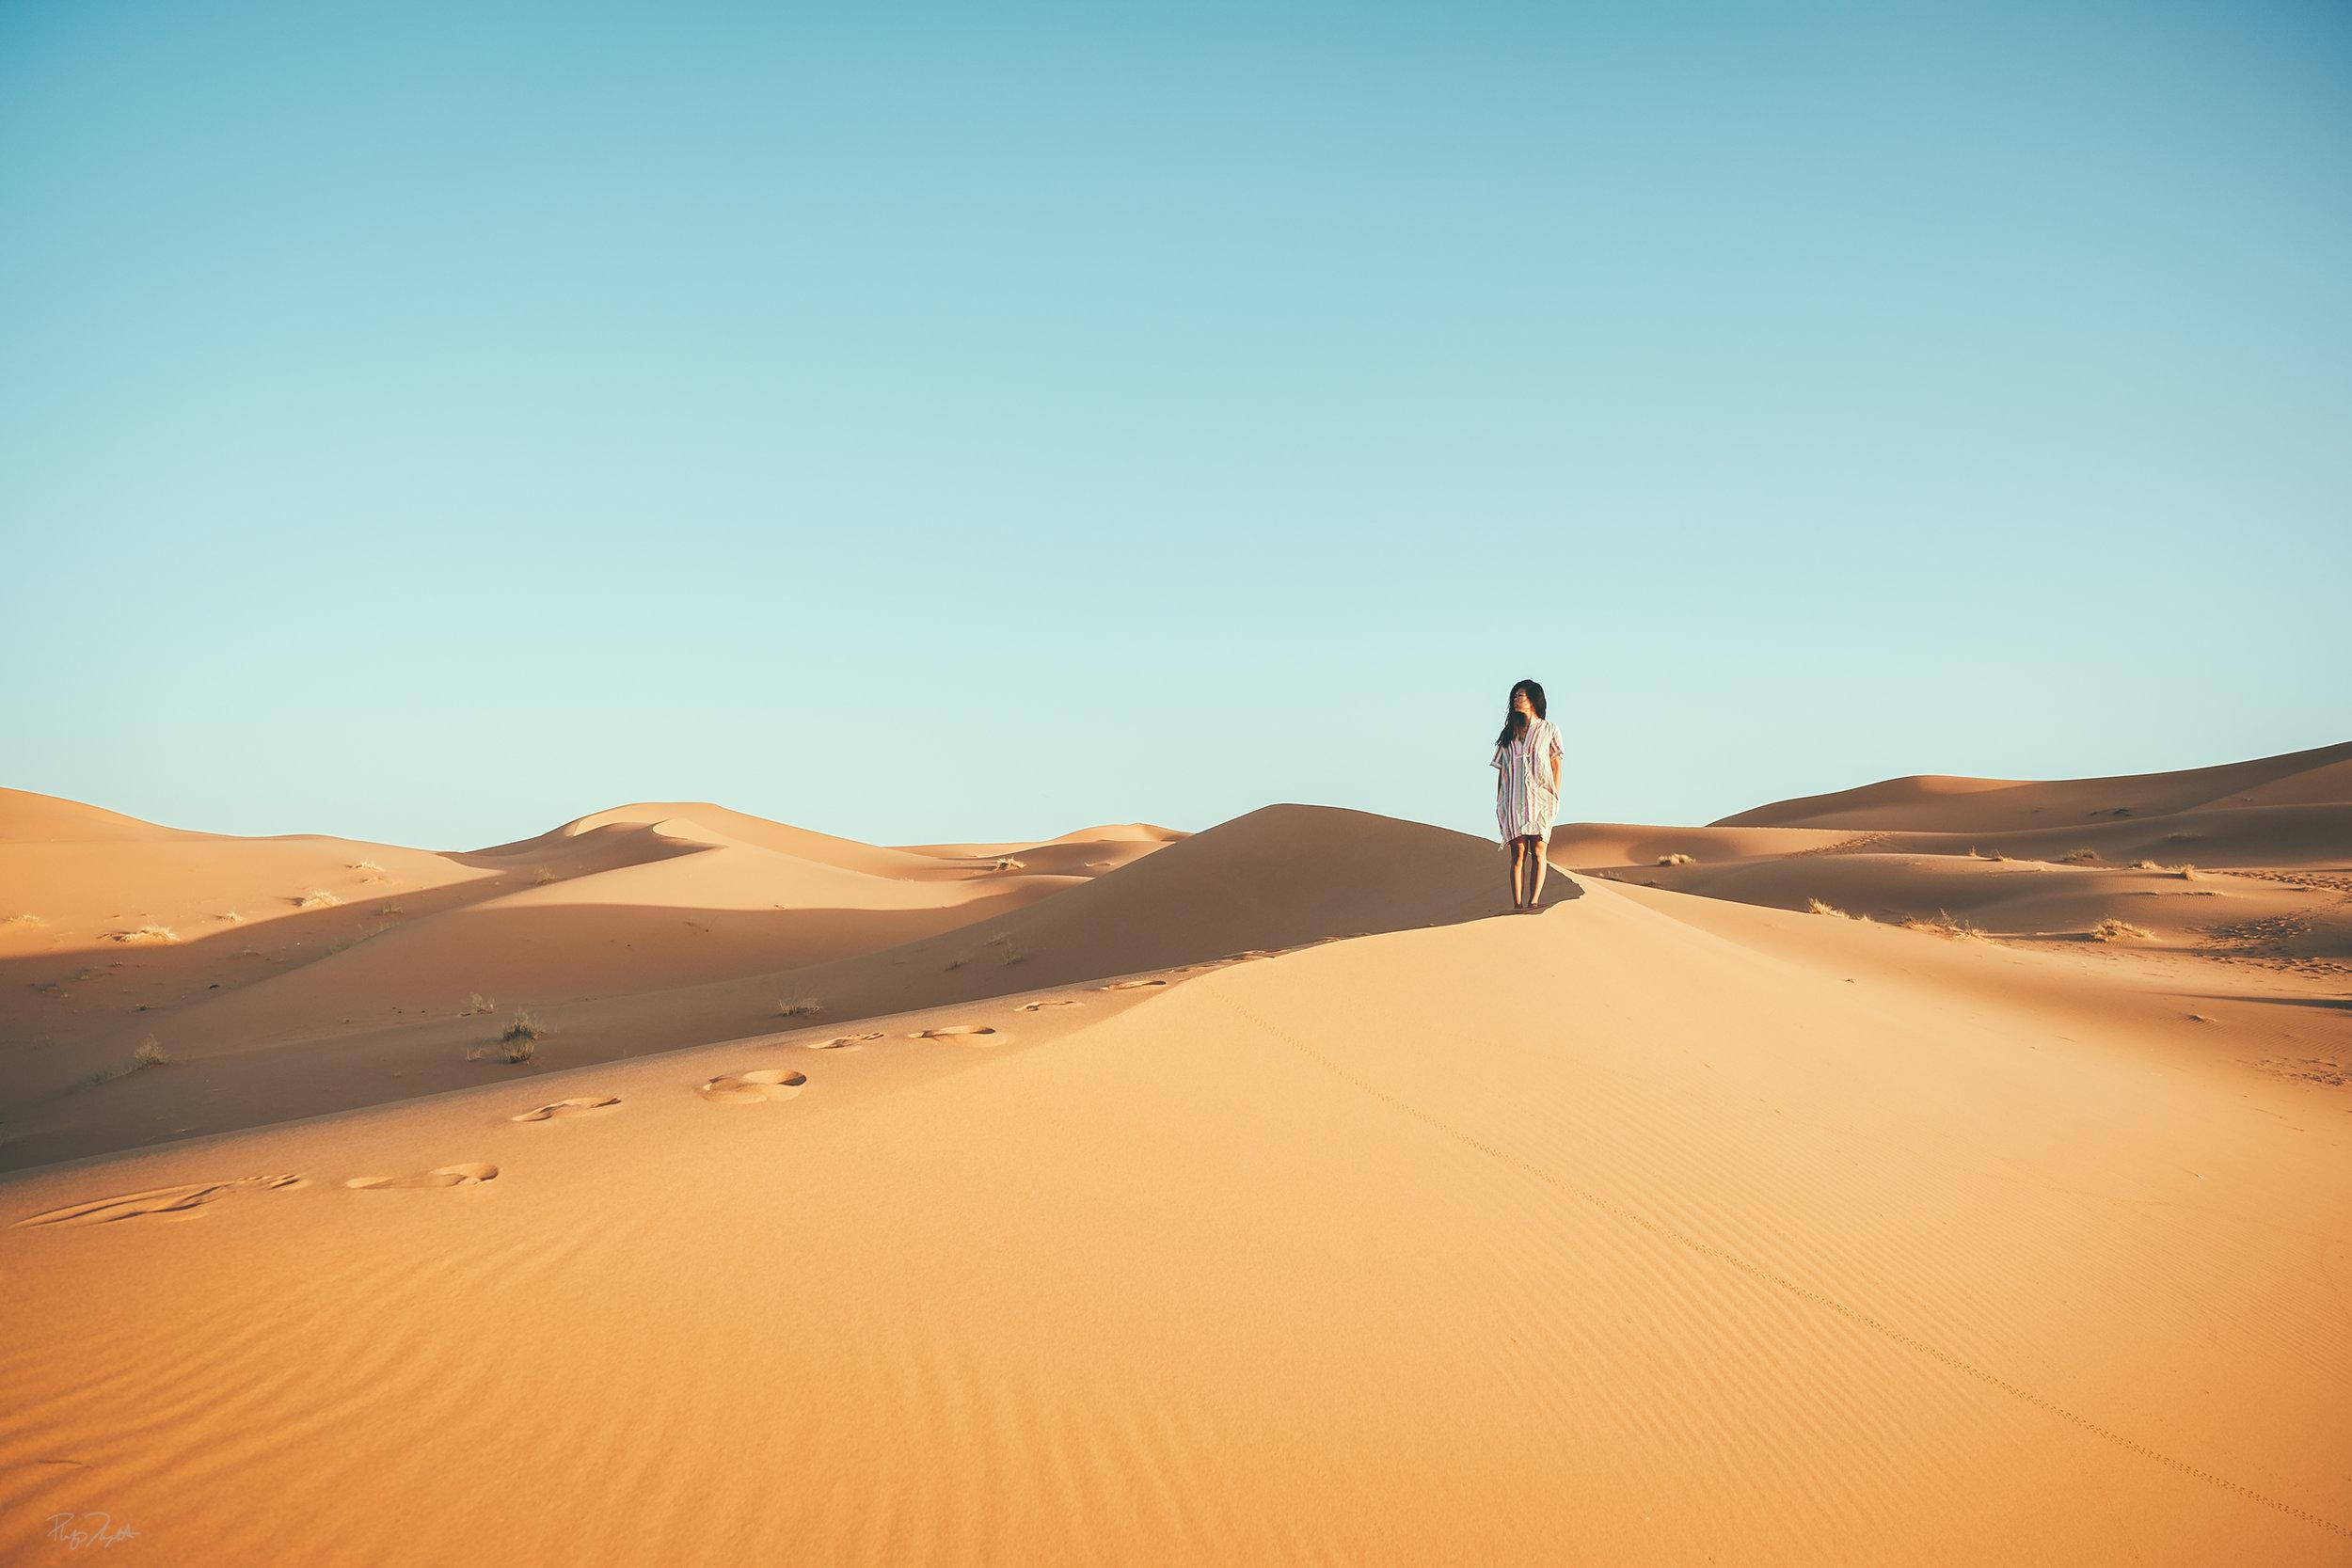 SAHARA_DESERT_02.jpg